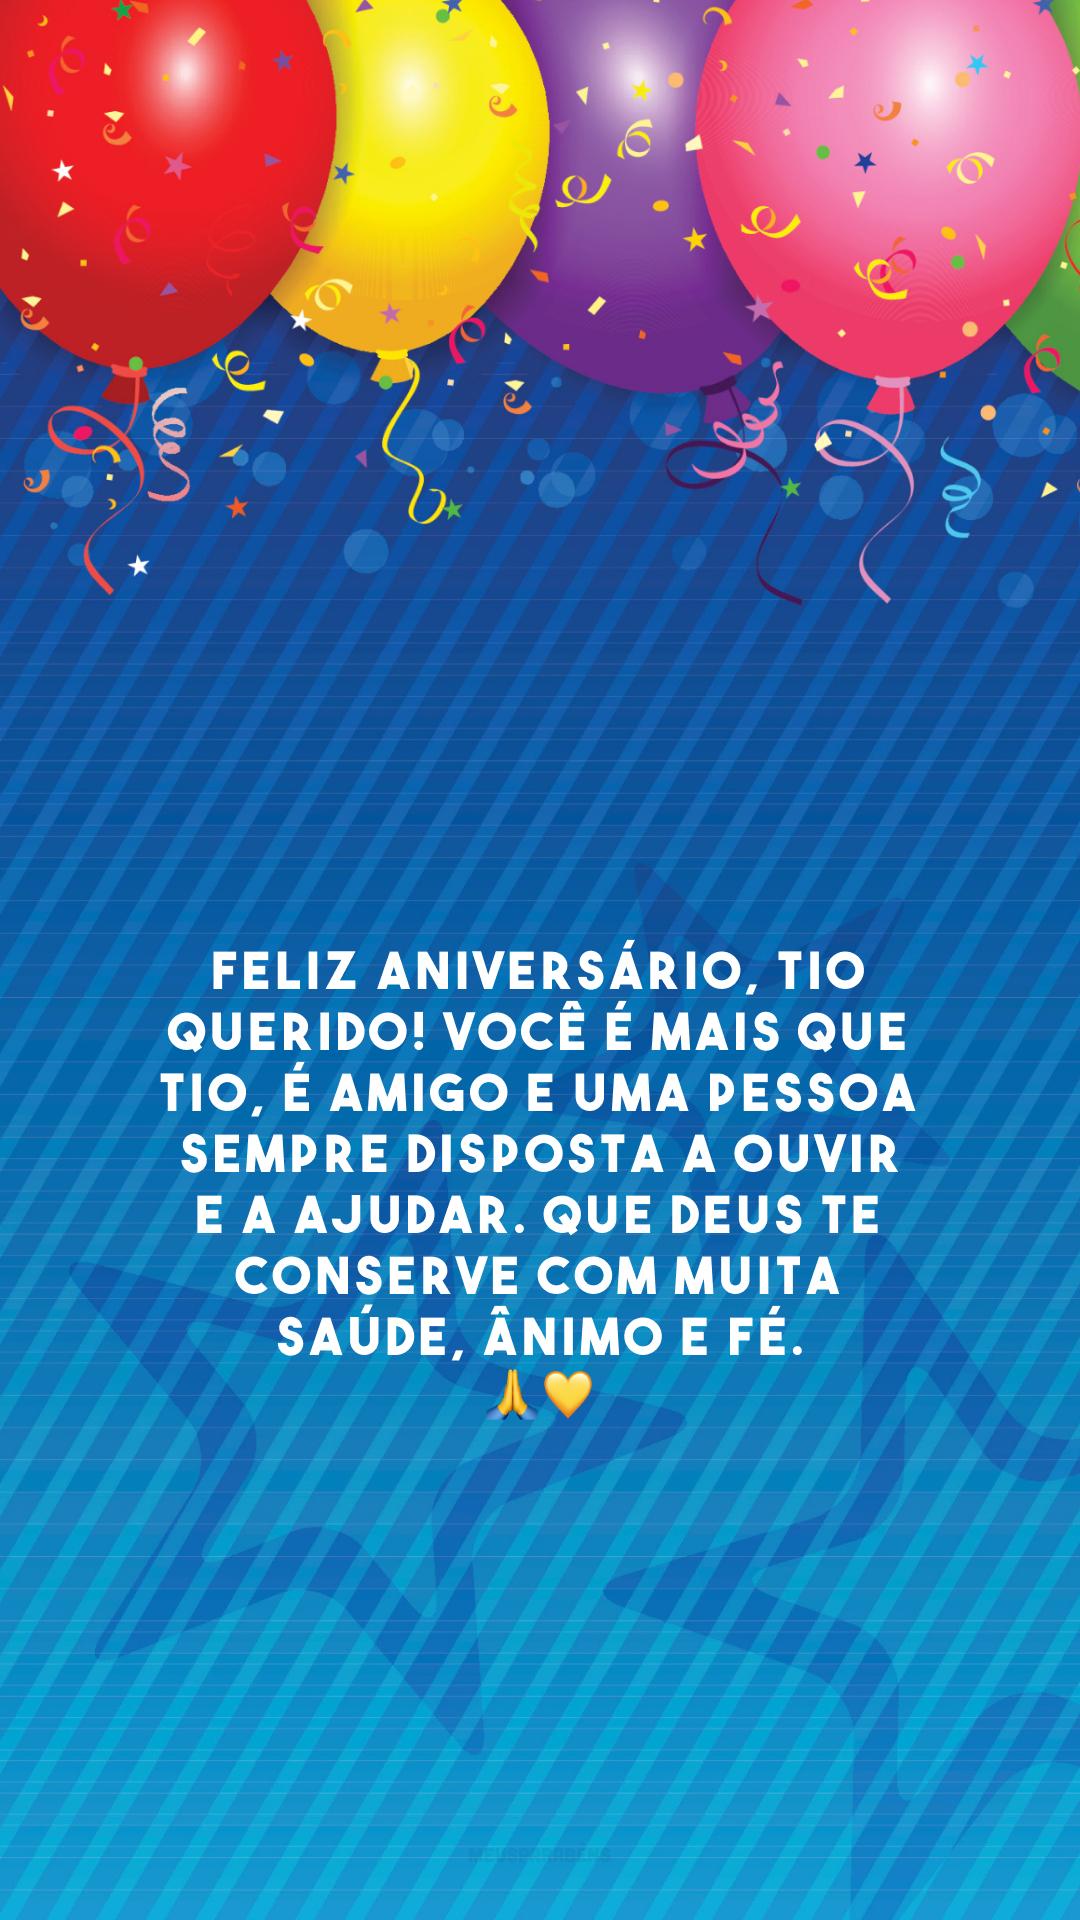 Feliz aniversário, tio querido! Você é mais que tio, é amigo e uma pessoa sempre disposta a ouvir e a ajudar. Que Deus te conserve com muita saúde, ânimo e fé. 🙏💛